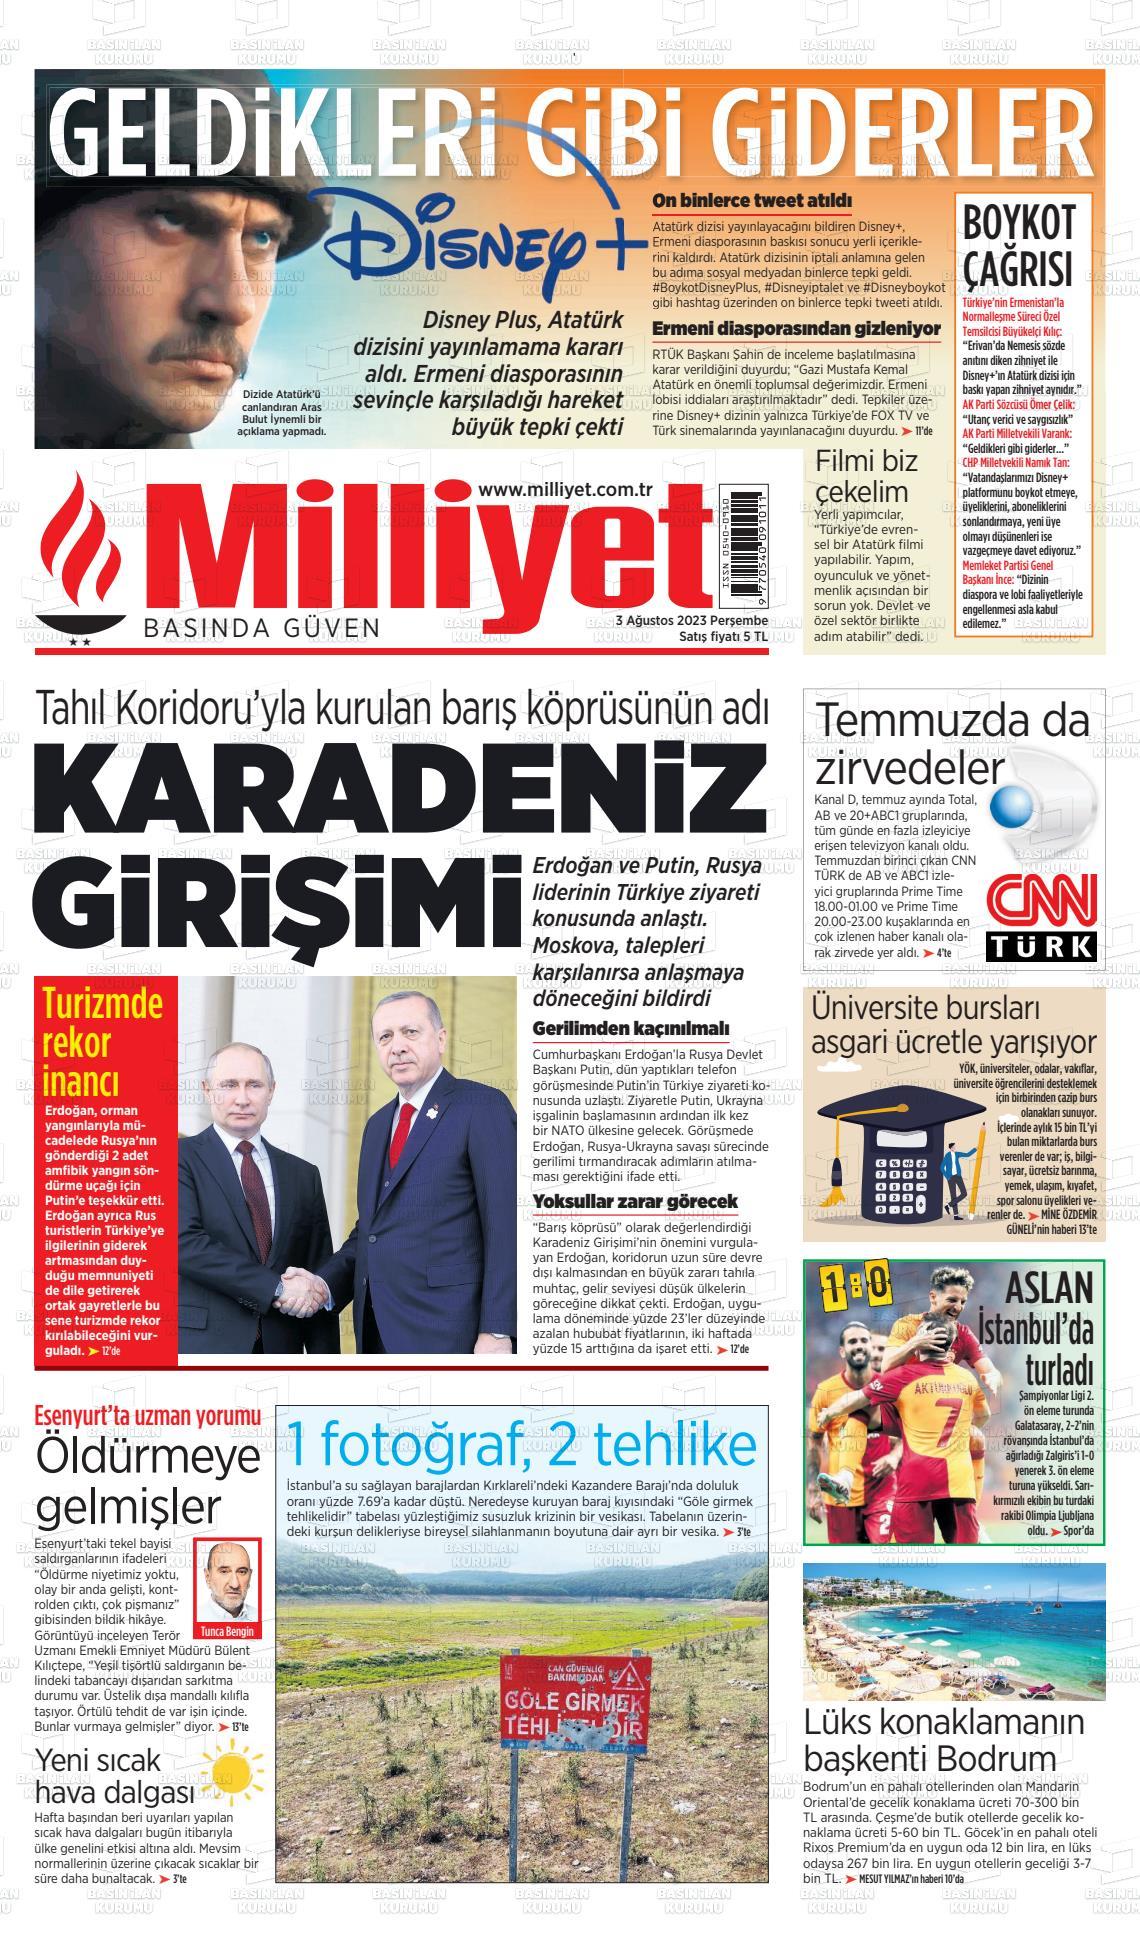 18 Kasım 2018, Pazar milliyet Gazetesi